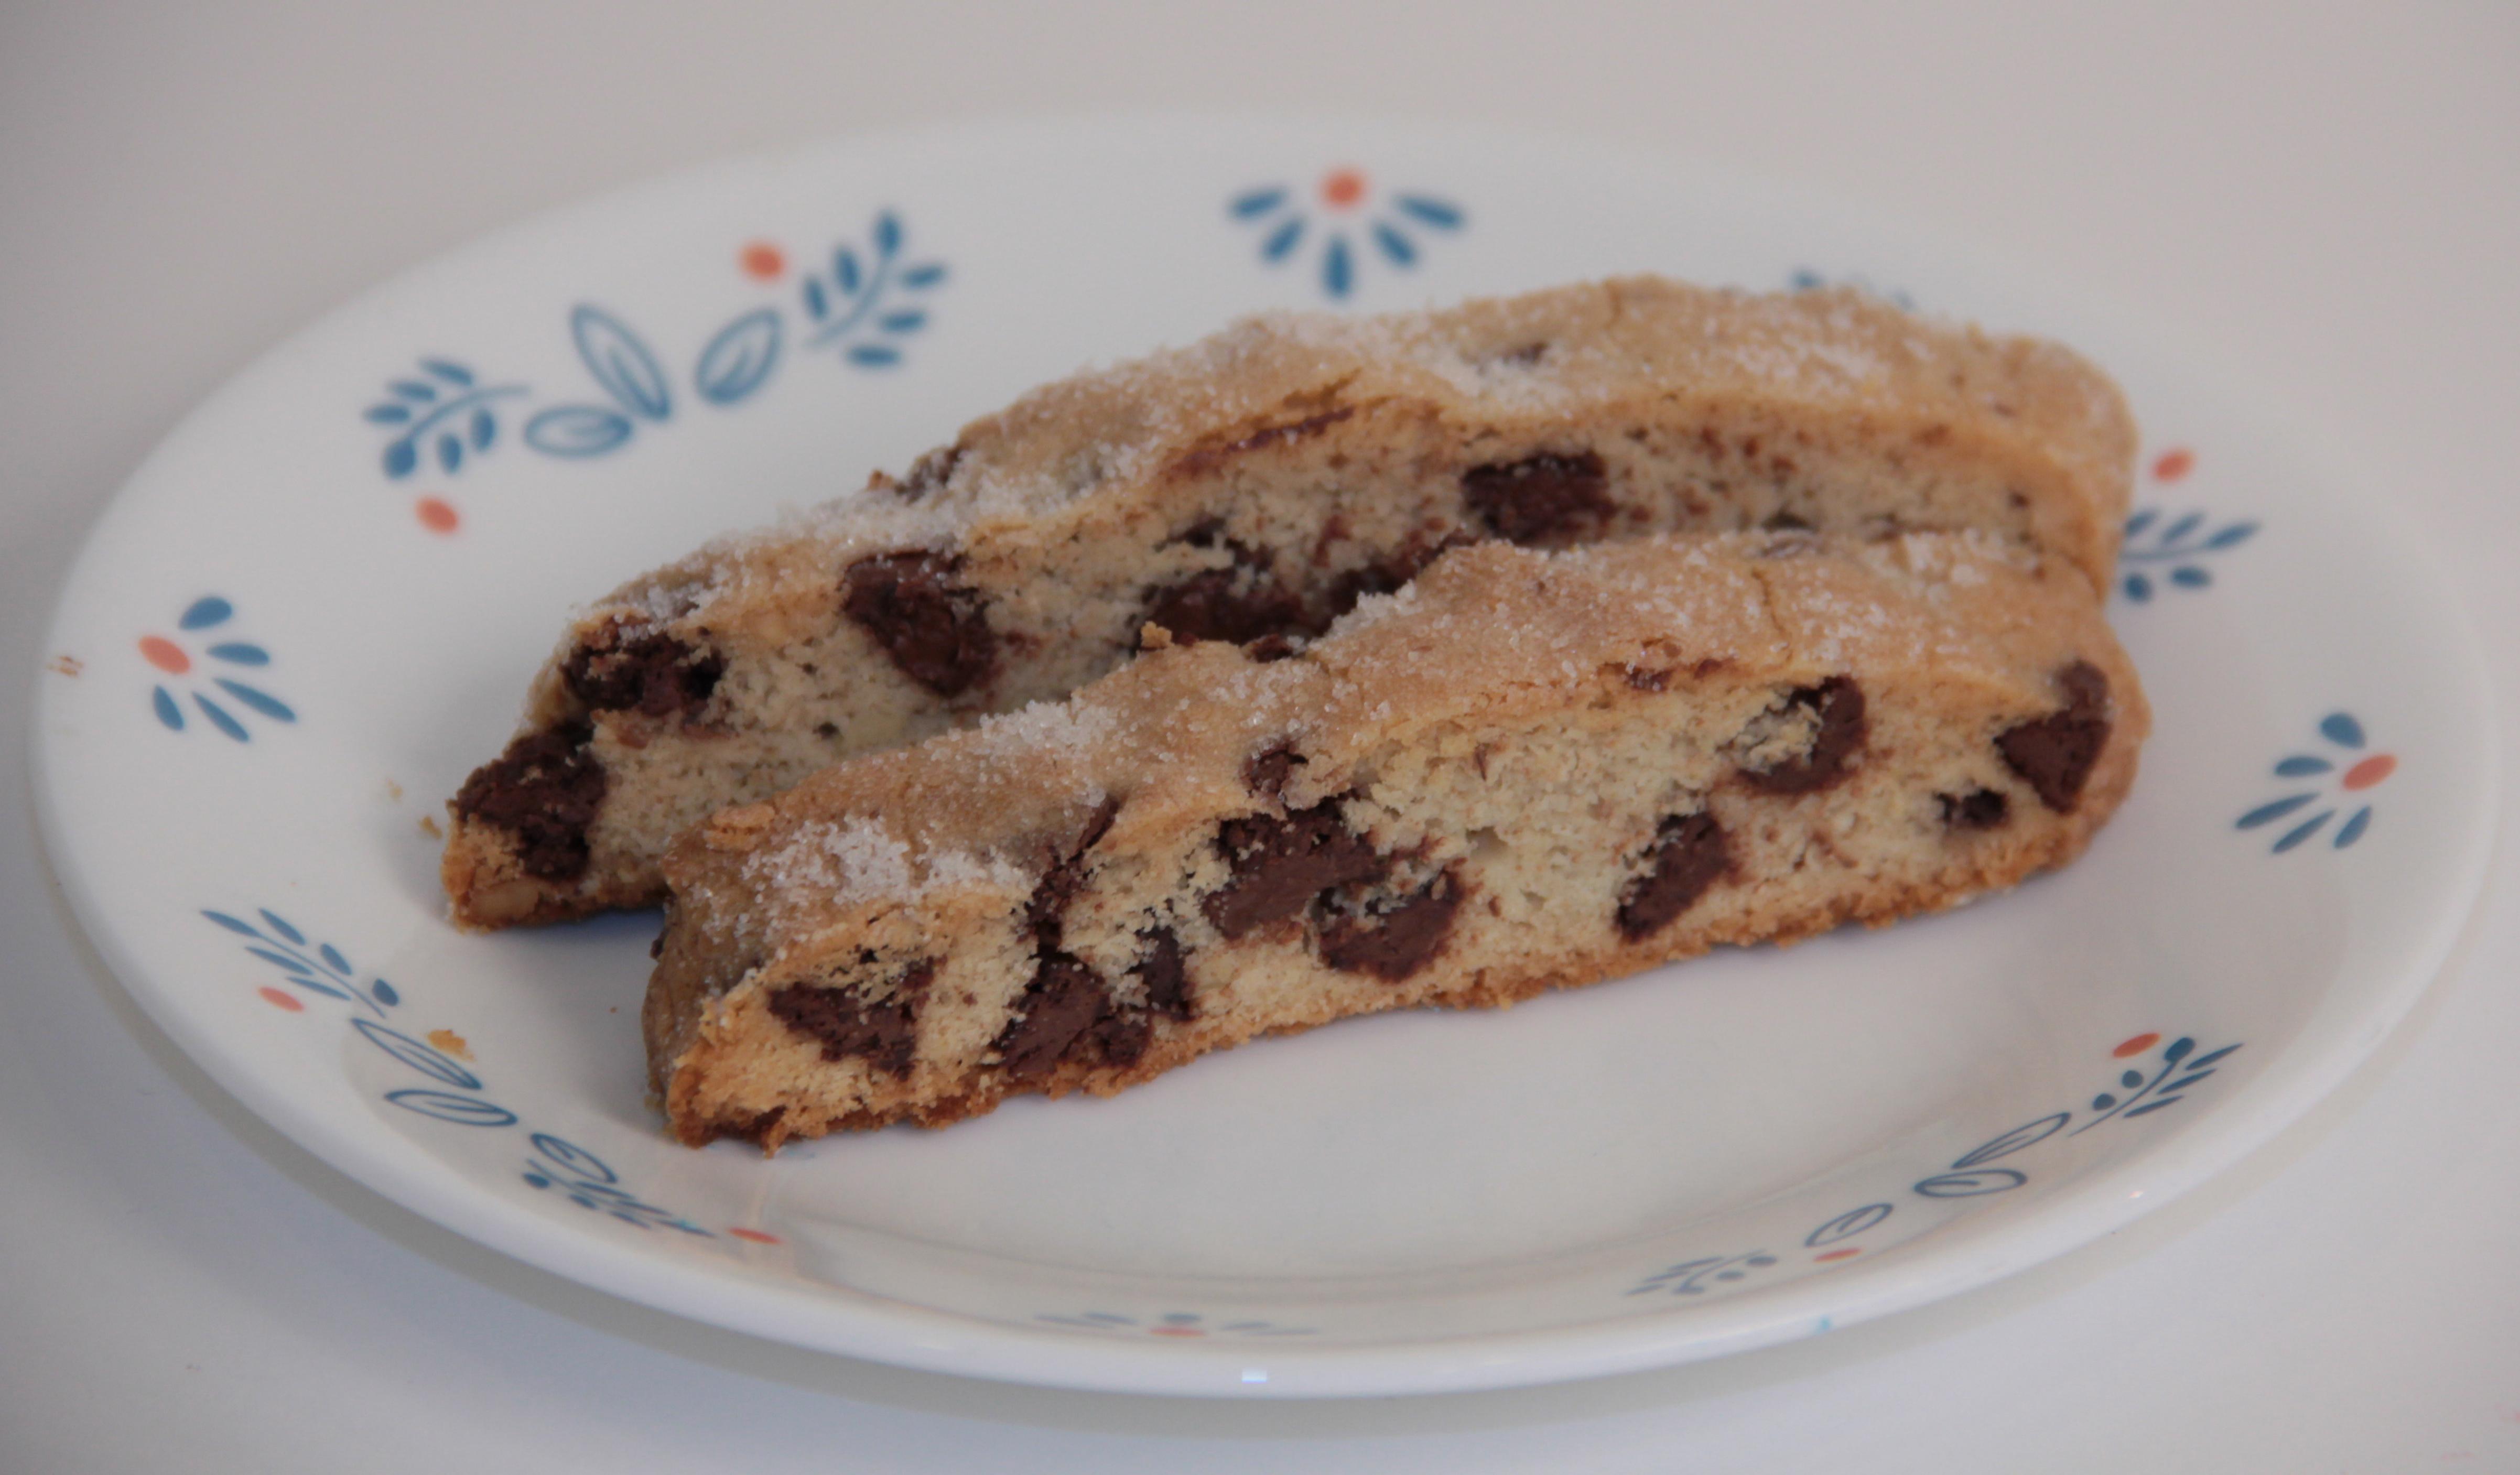 Mandel bread (Jewish biscotti)